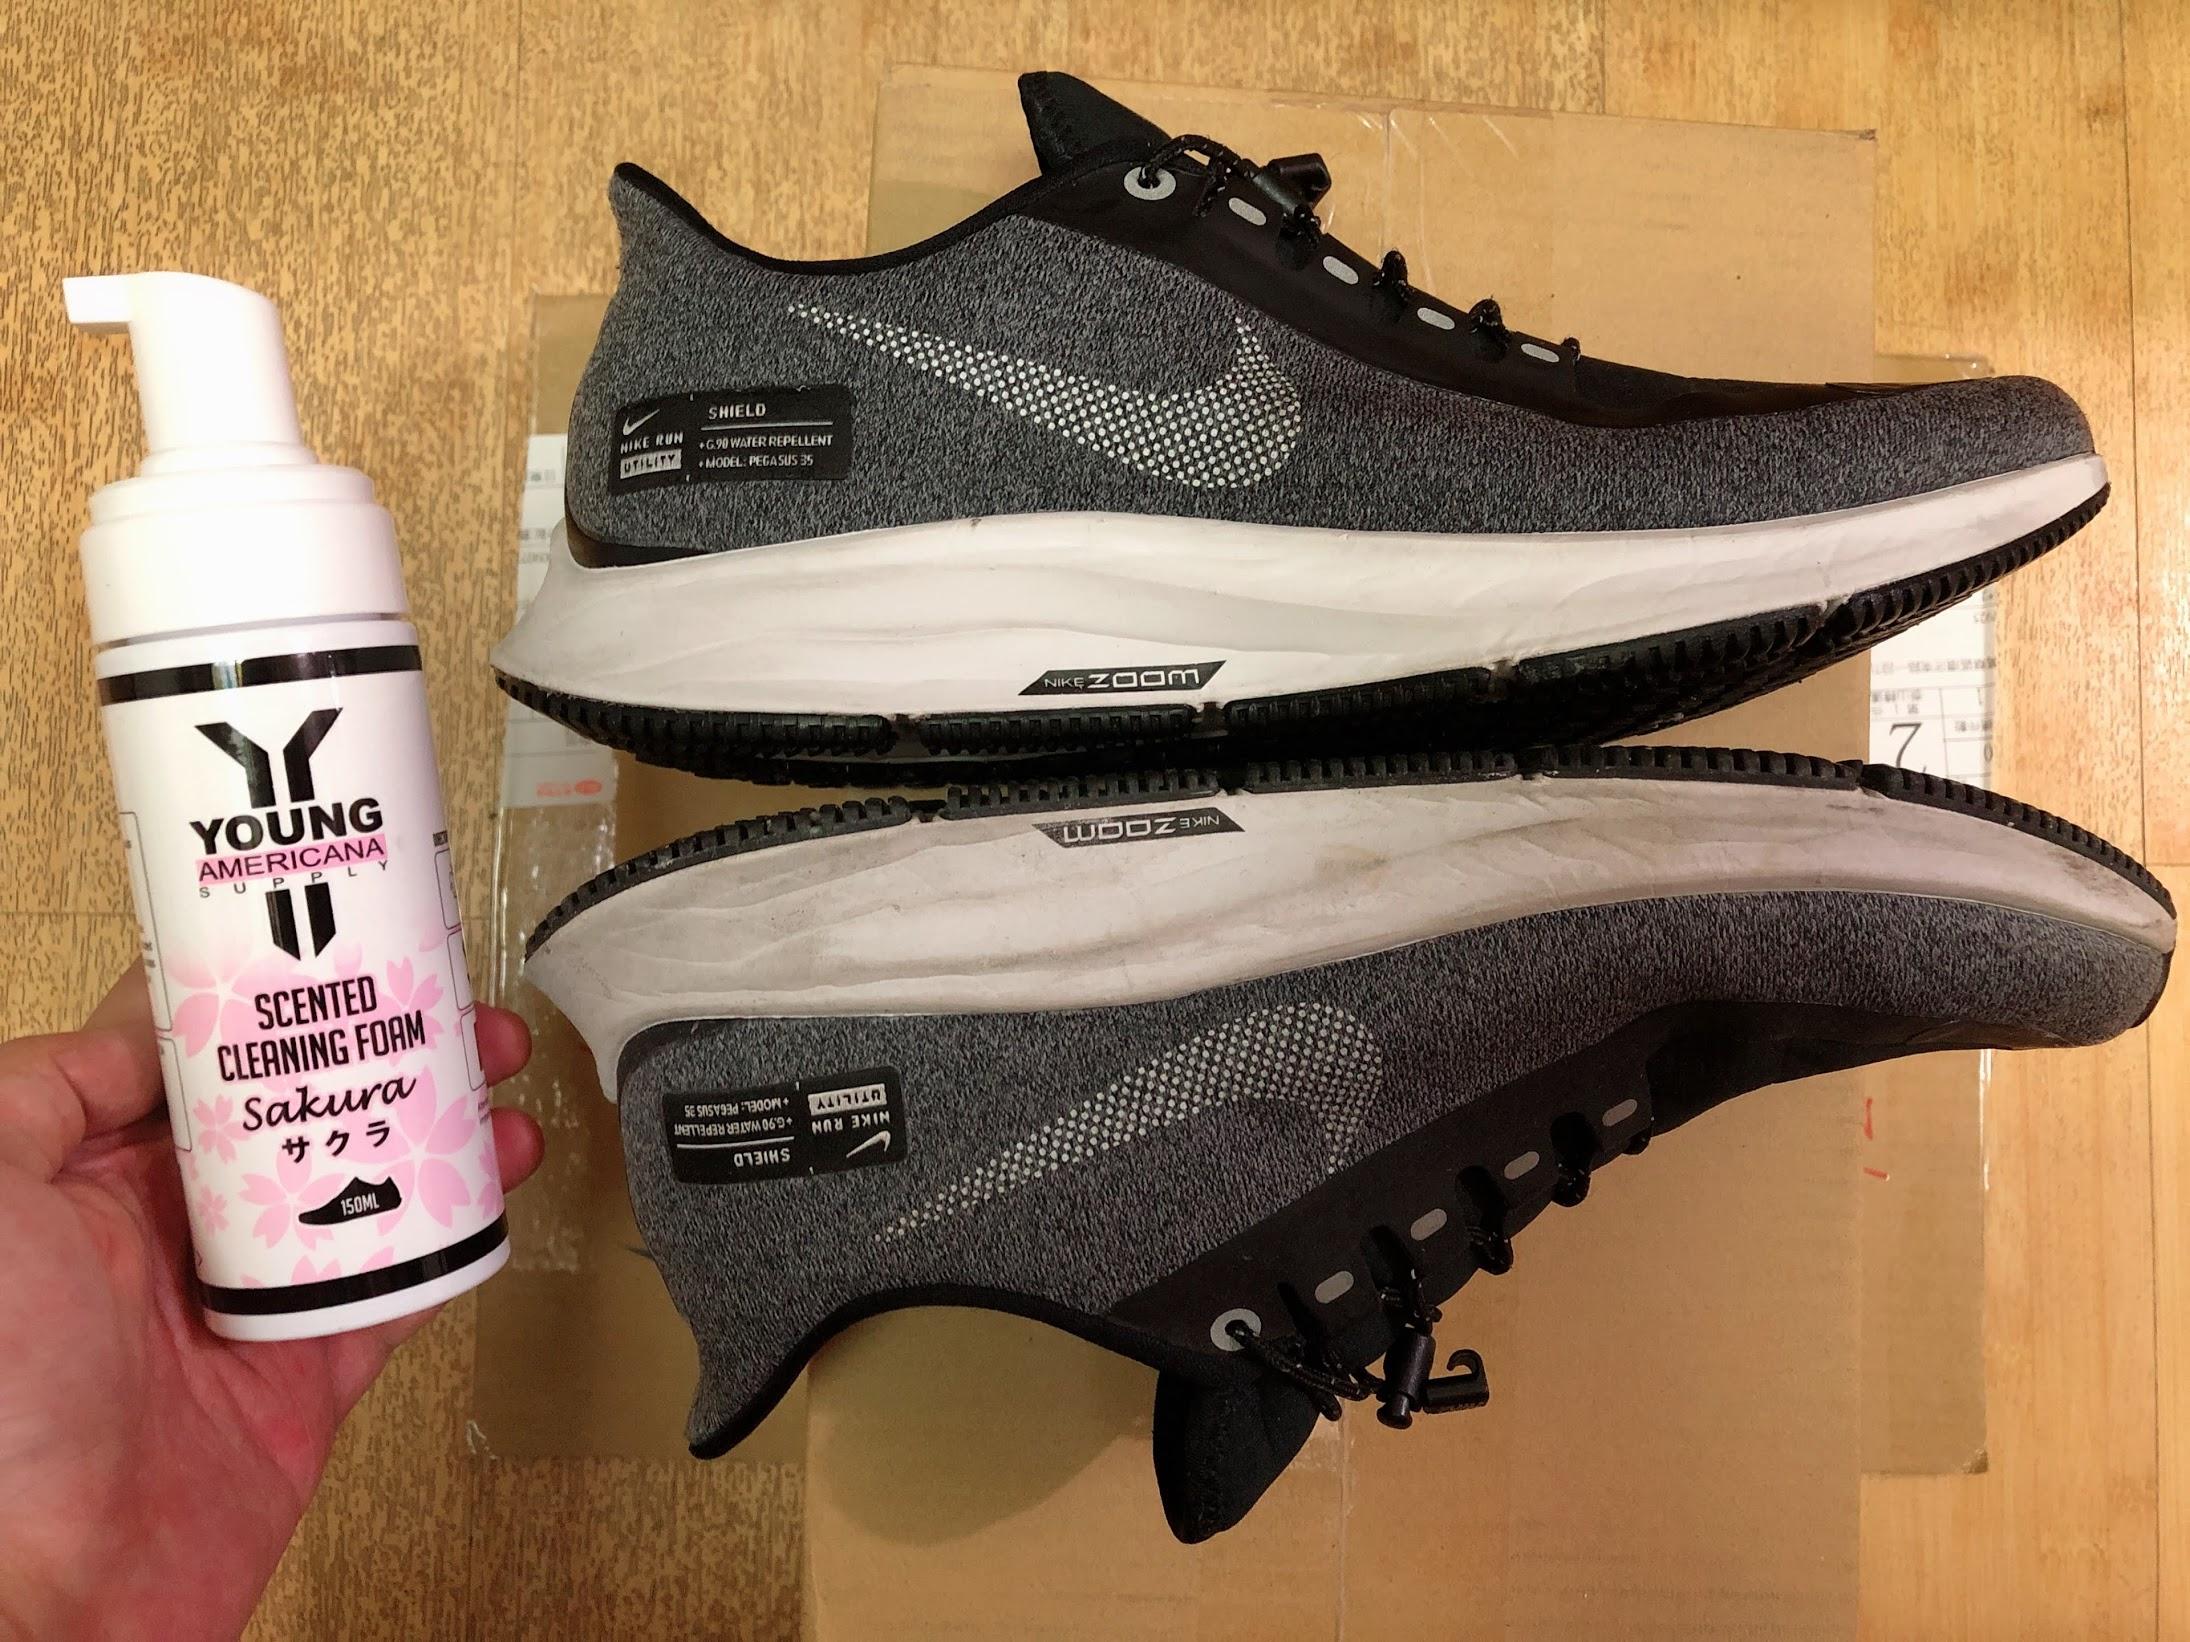 鞋子清潔-Y.A.S鞋類香氛清潔慕絲(櫻花限定版),真的是好威的鞋子清潔慕絲啊 @秤瓶樂遊遊